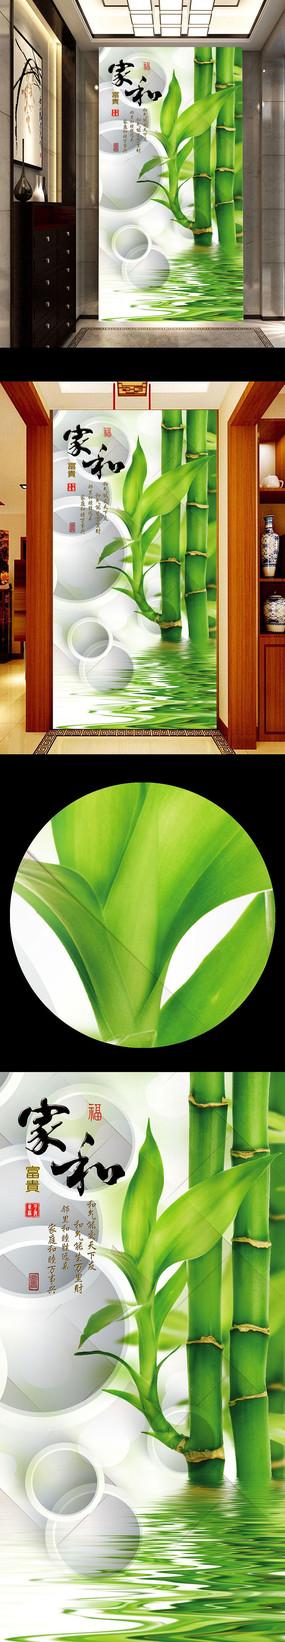 家和富贵3D翠竹玄关背景墙